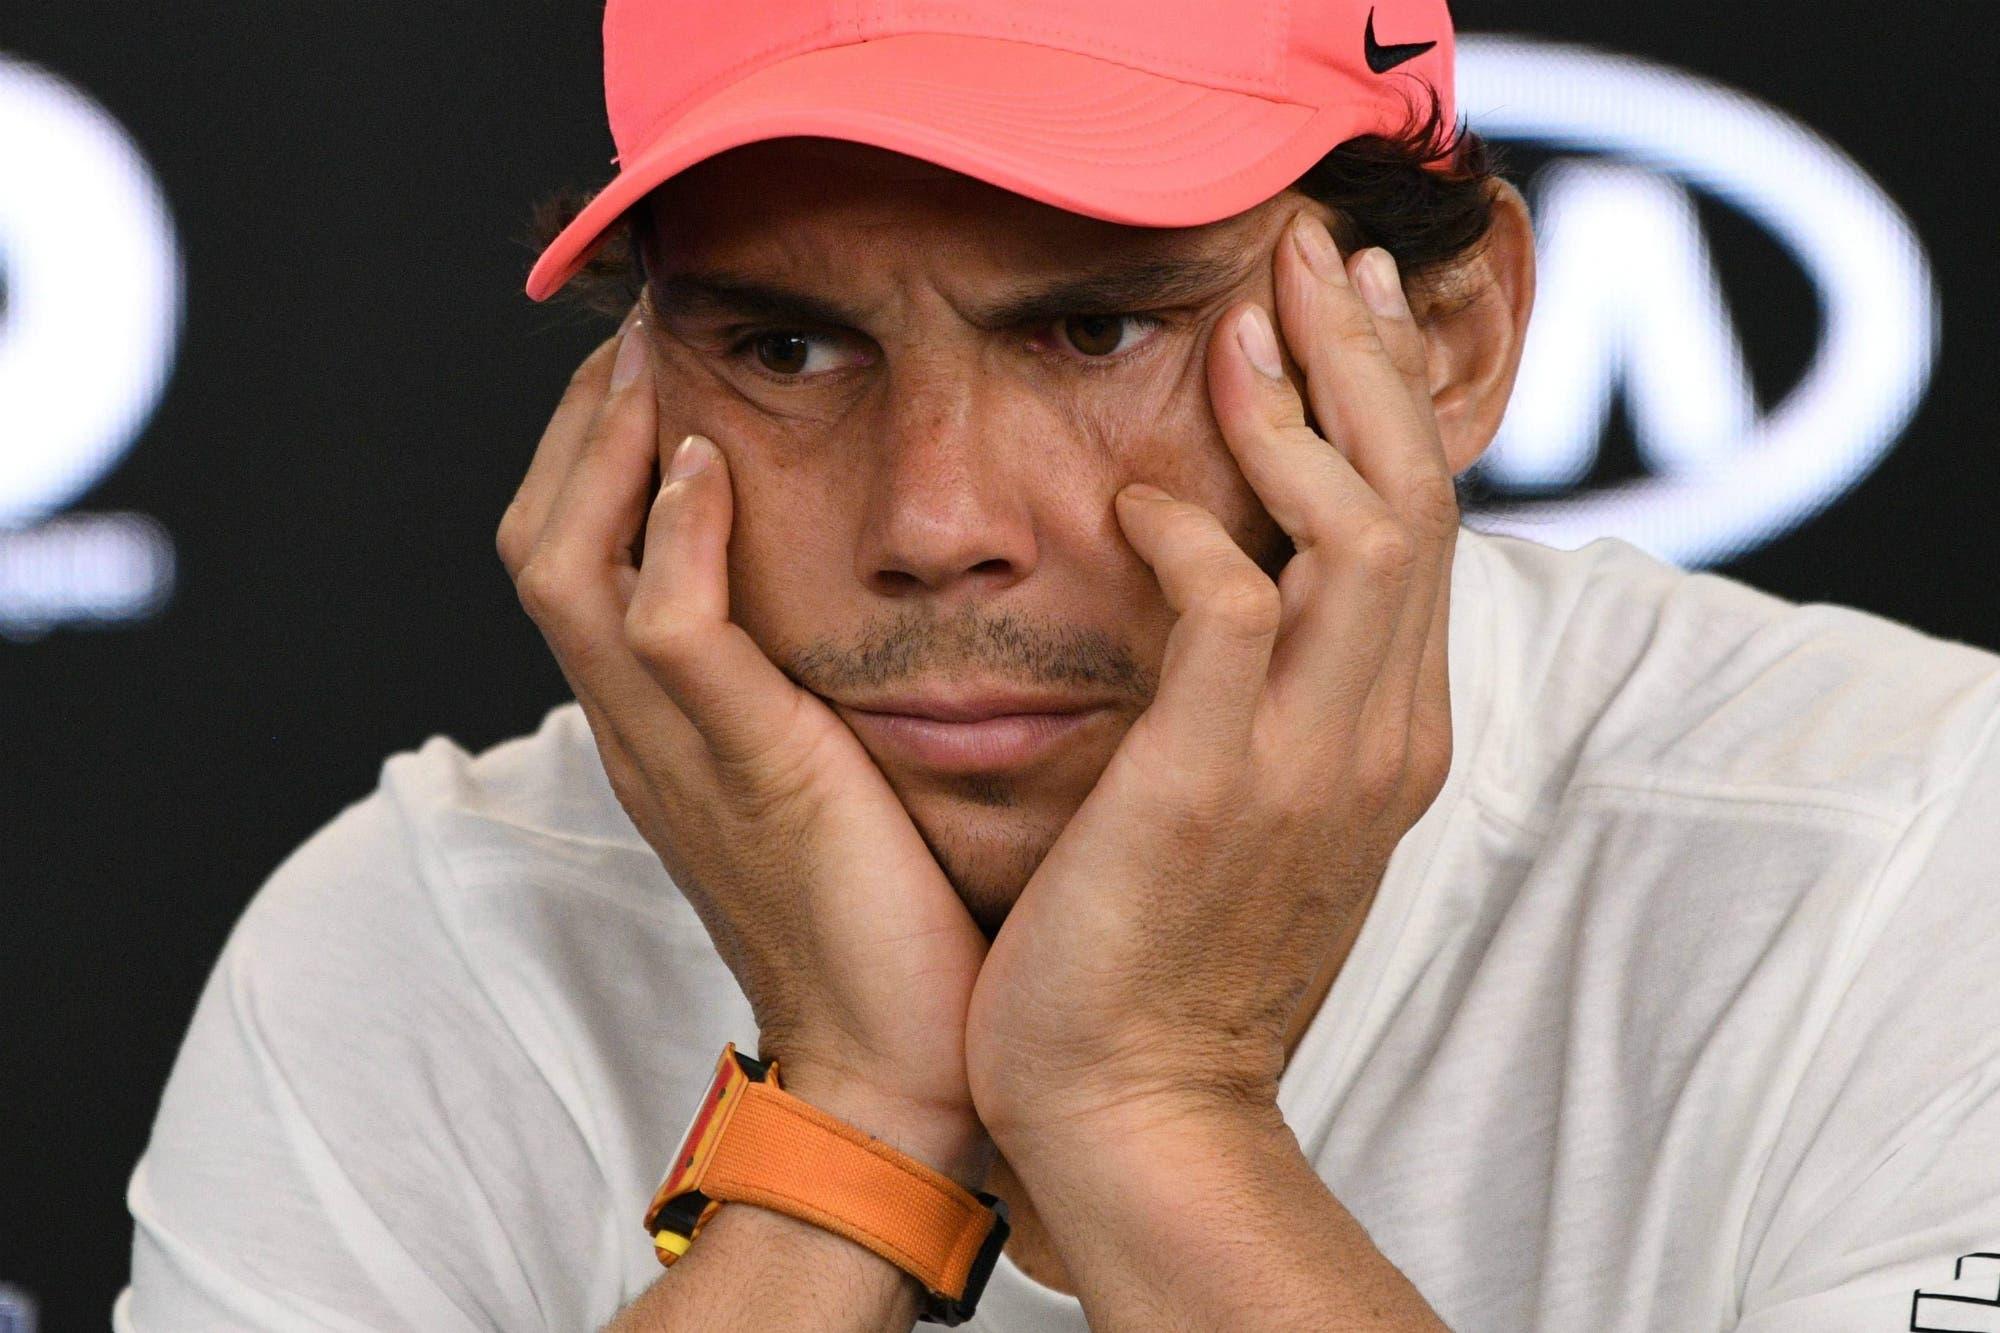 El maleficio de Rafael Nadal sobre canchas duras: sólo terminó uno de sus últimos 19 torneos